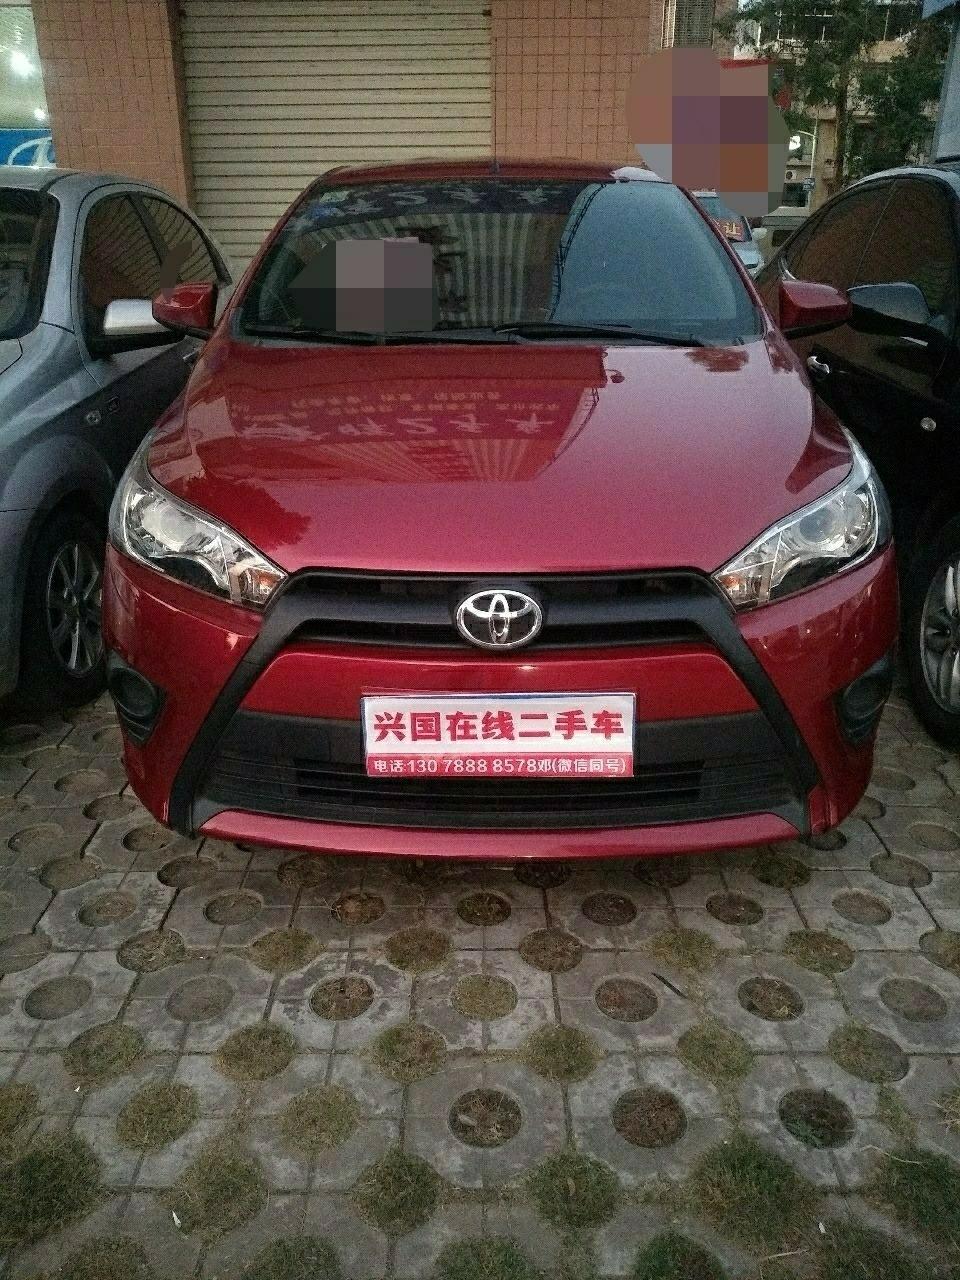 豐田致炫1.3L自動檔兩廂車